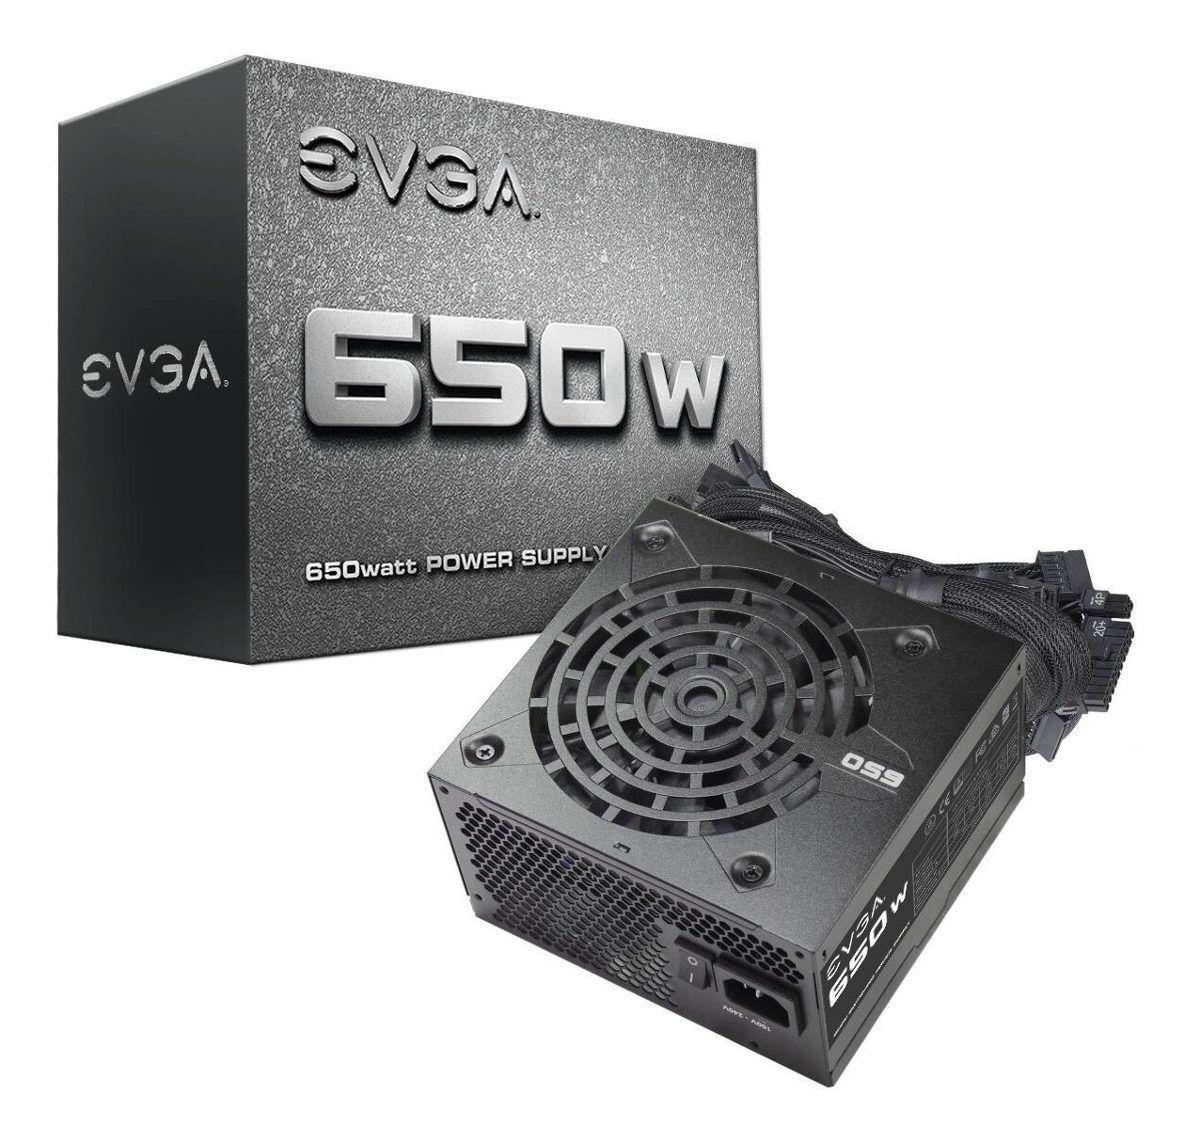 Fonte EVGA 650W